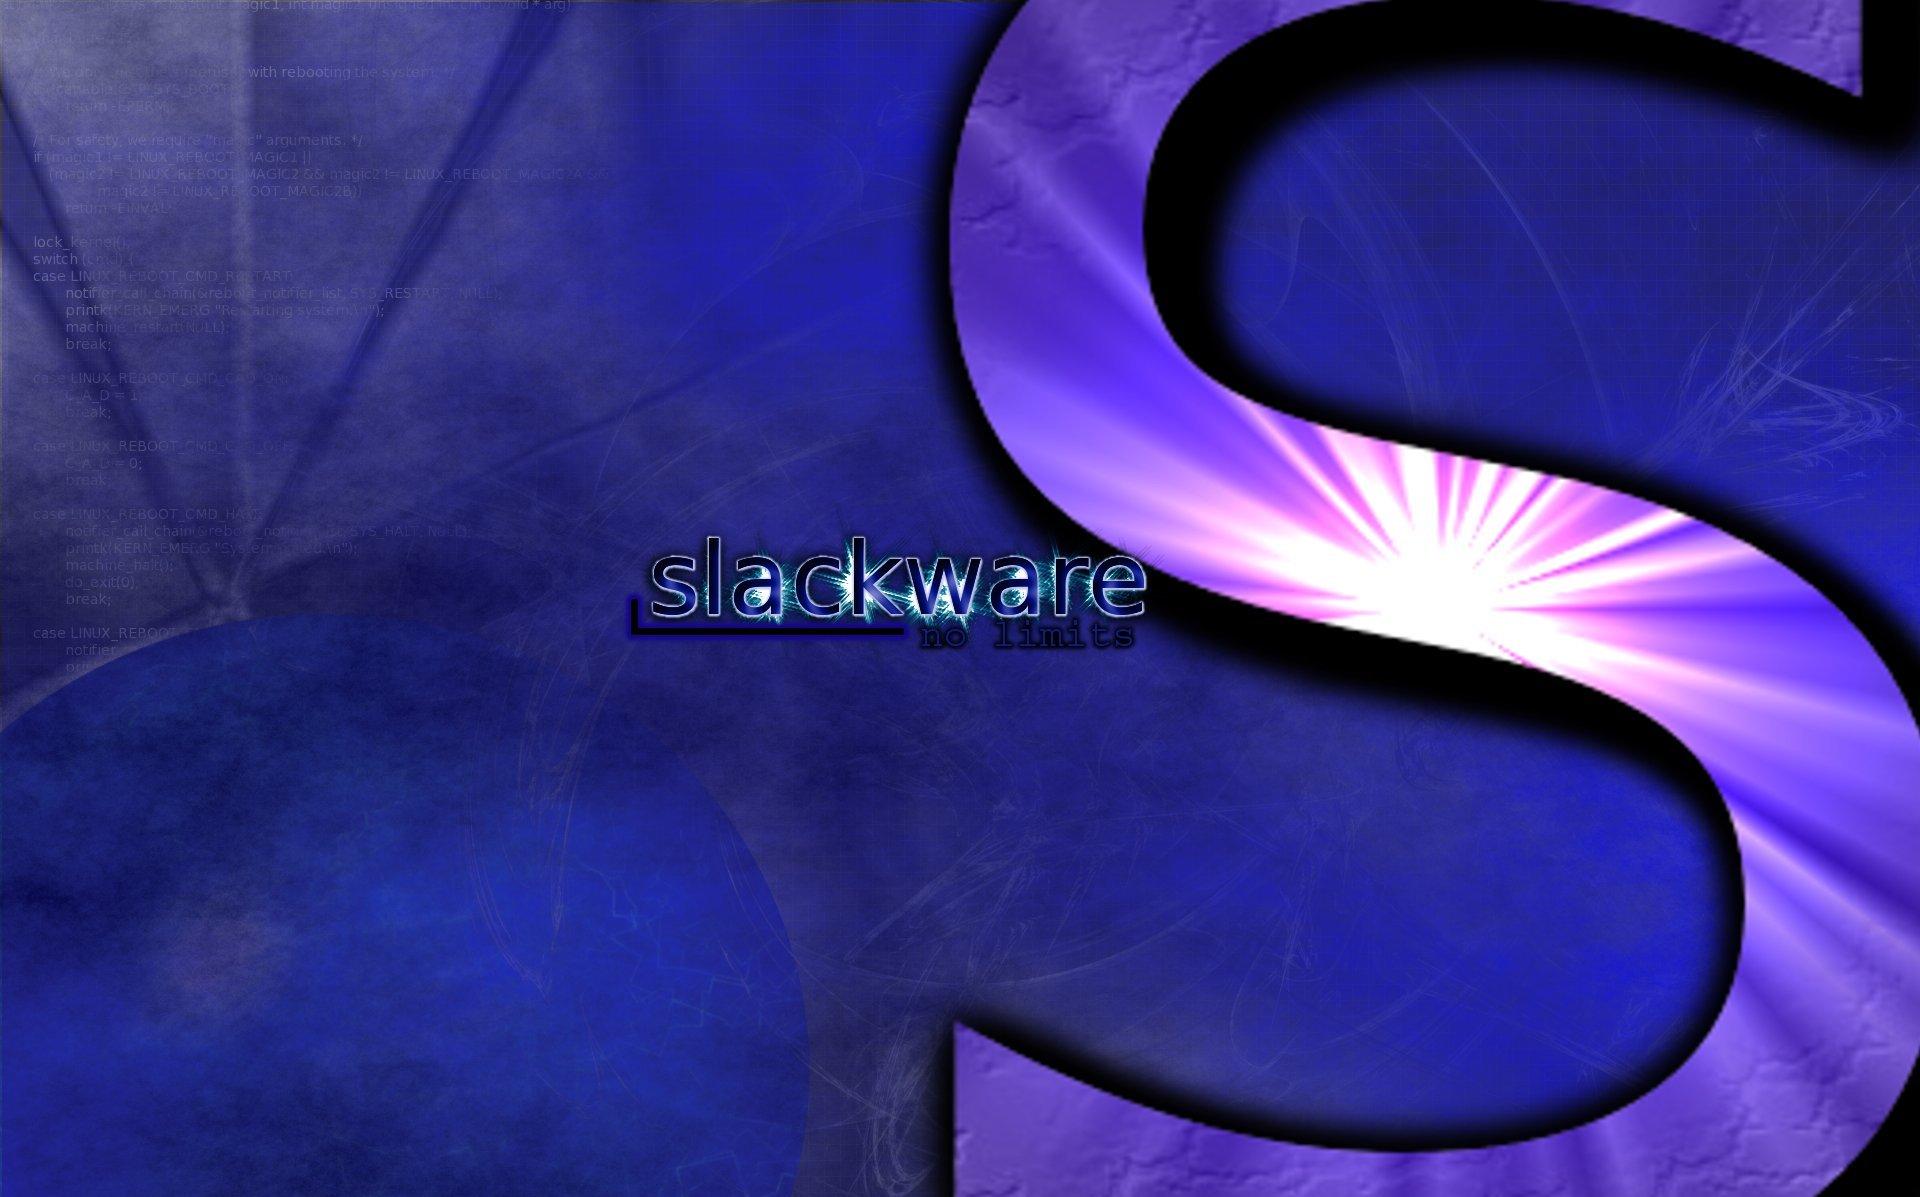 slackware by pauledwards03